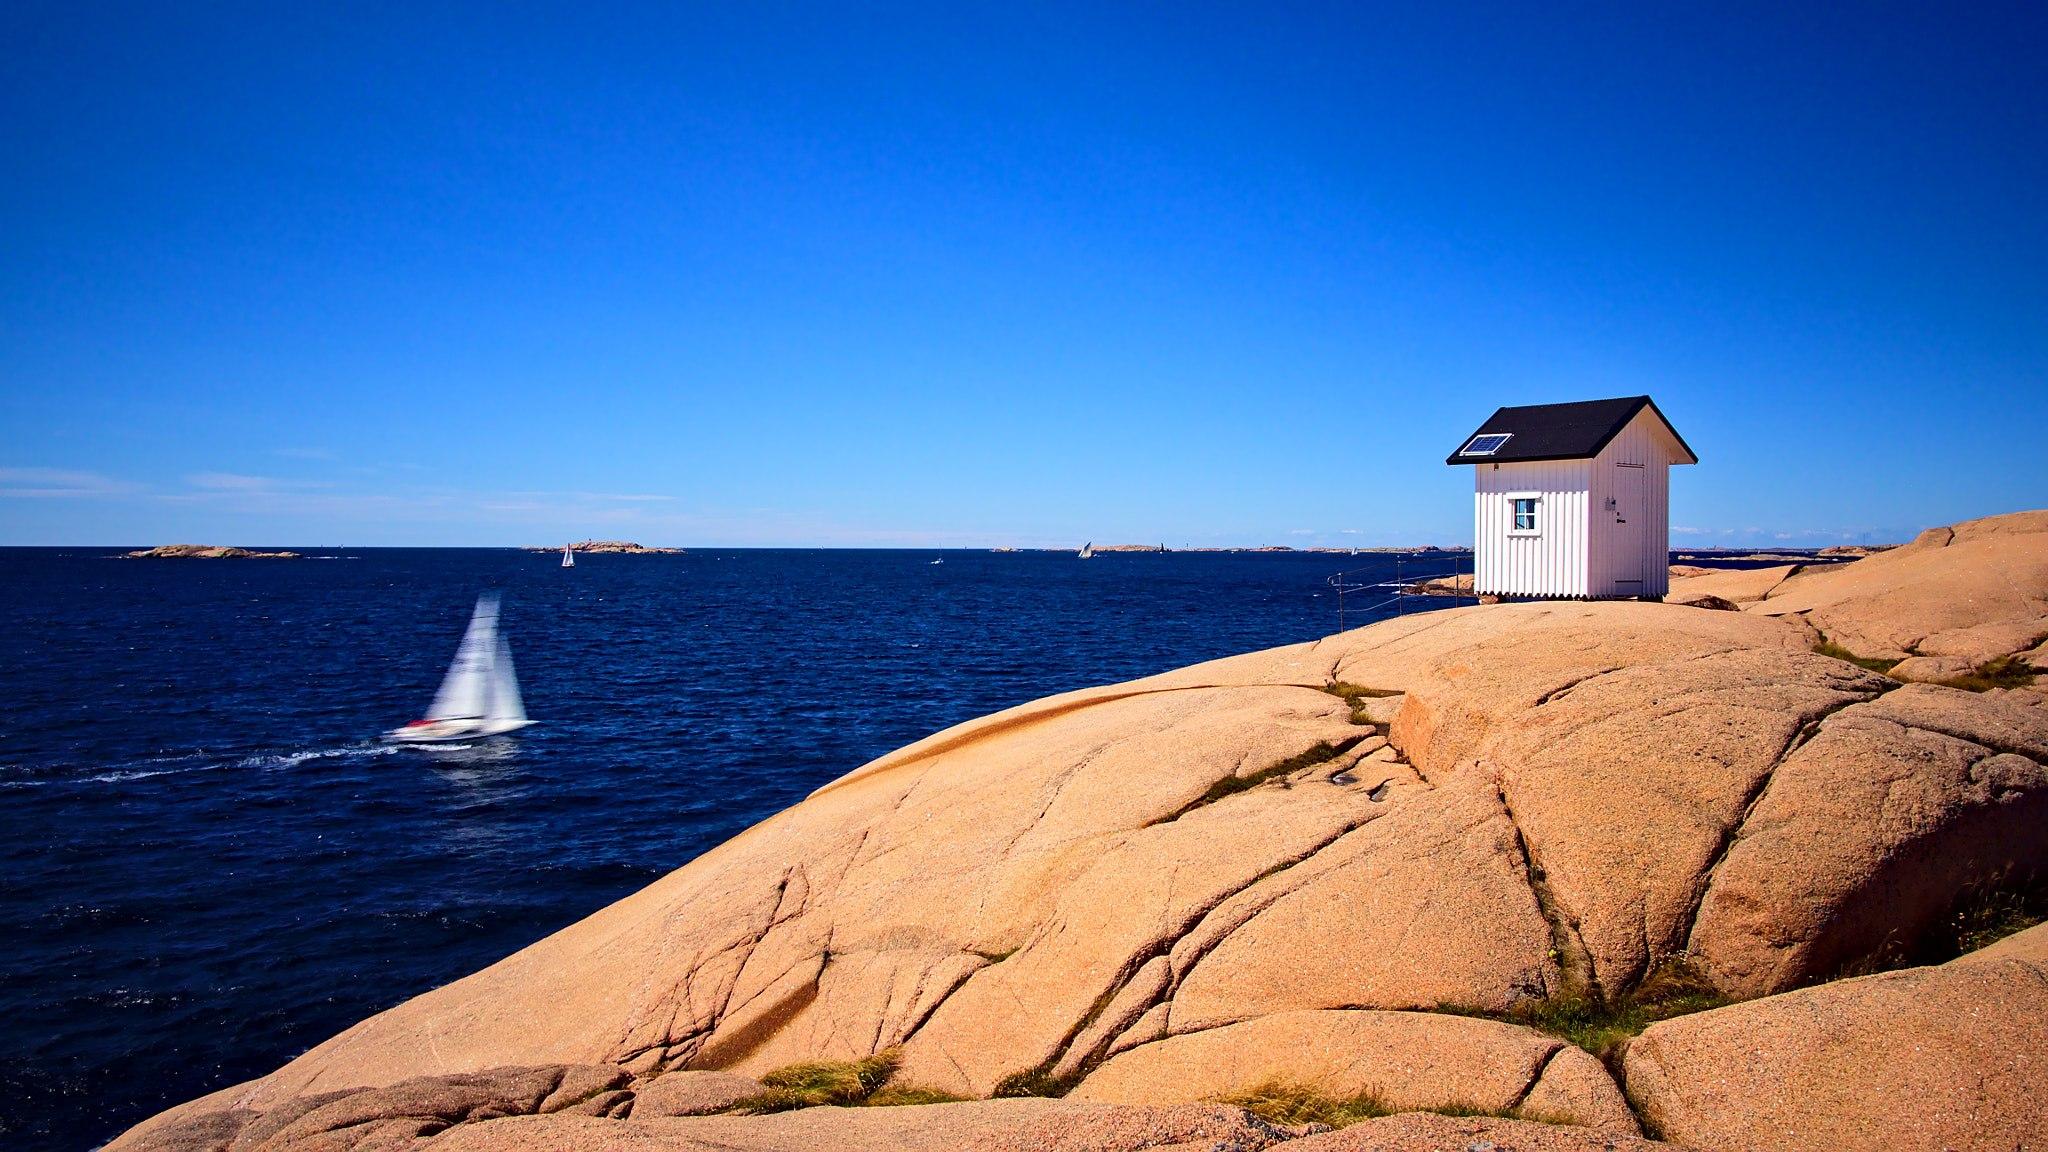 Litet, vitt fyrhus på granitklippor vid havet.